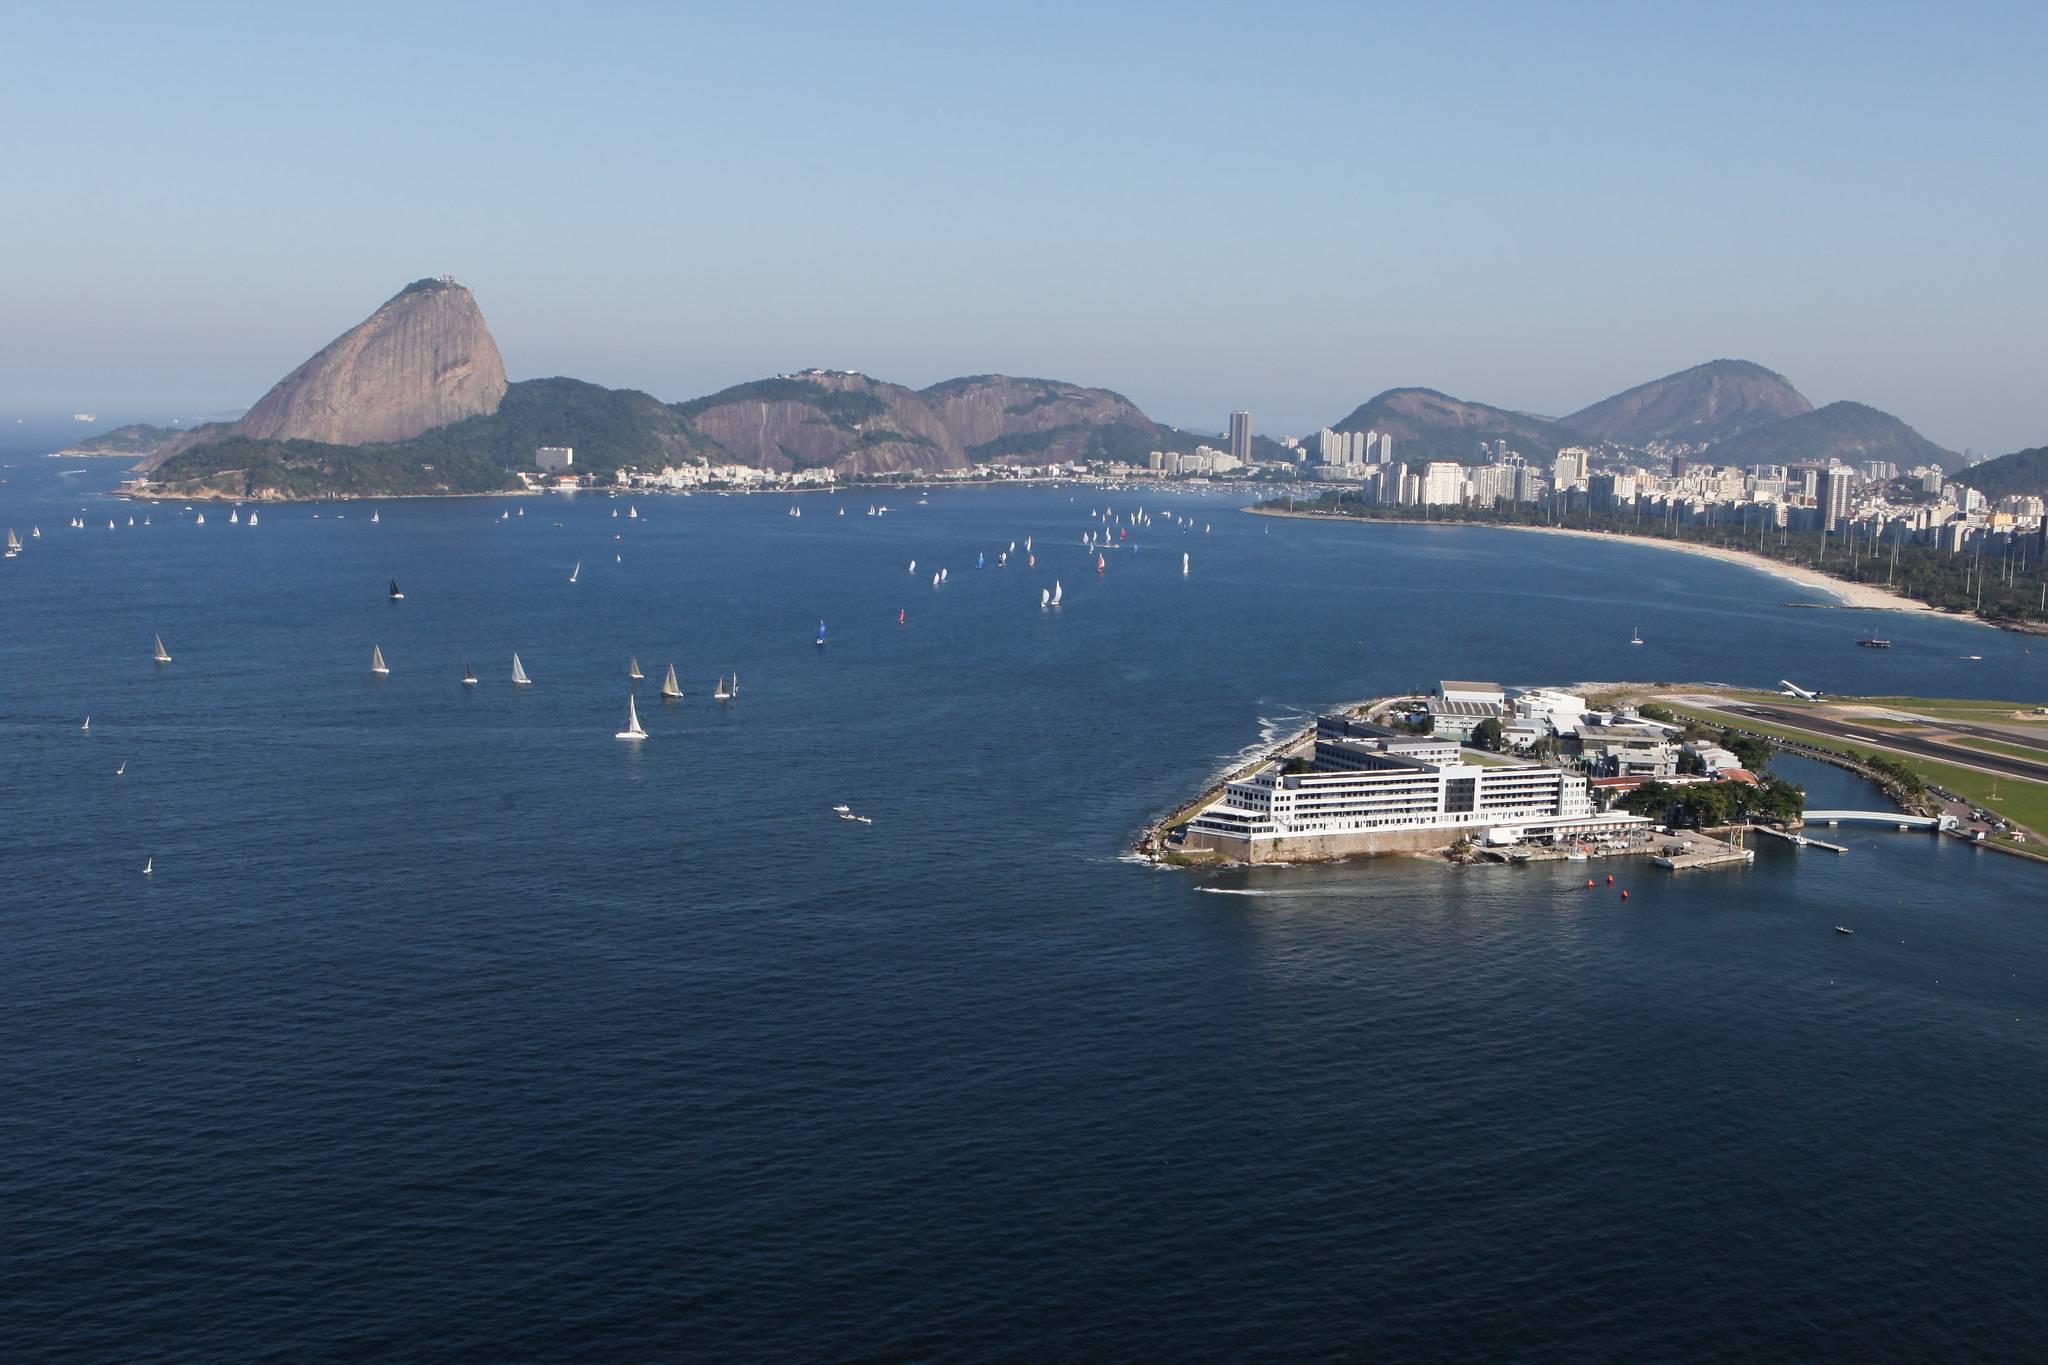 Vista aérea da Escola Naval (em primeiro plano), na Baía da Guanabara. Foto: Marinha/Flickr